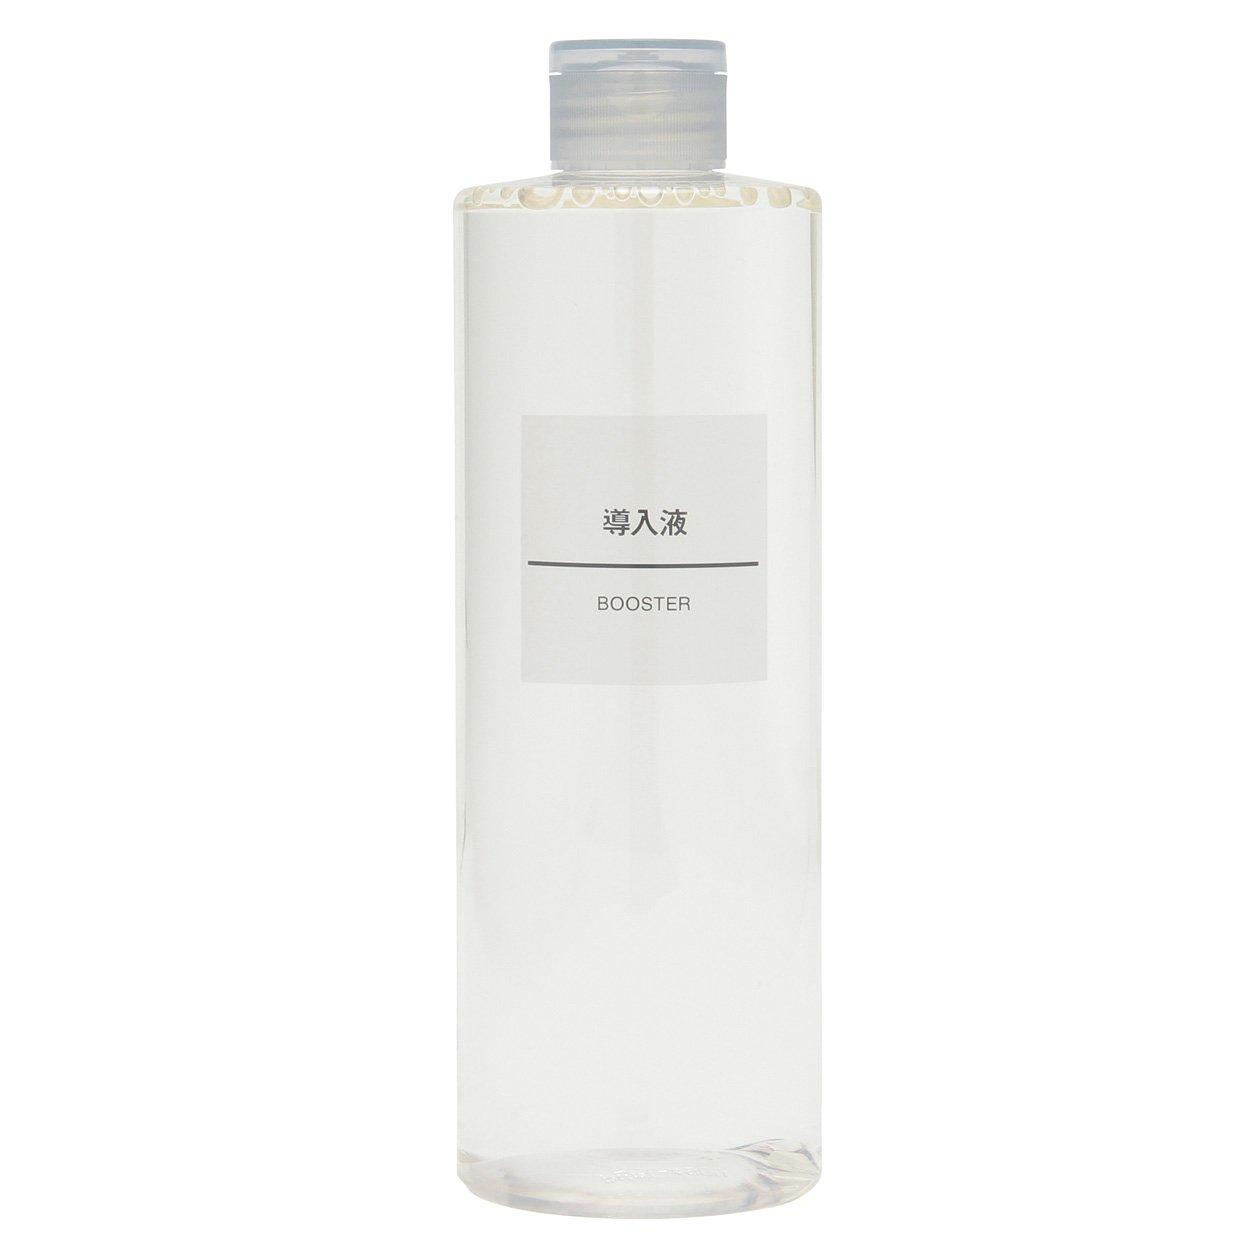 無印良品化粧水.乳液用ポンプヘッド